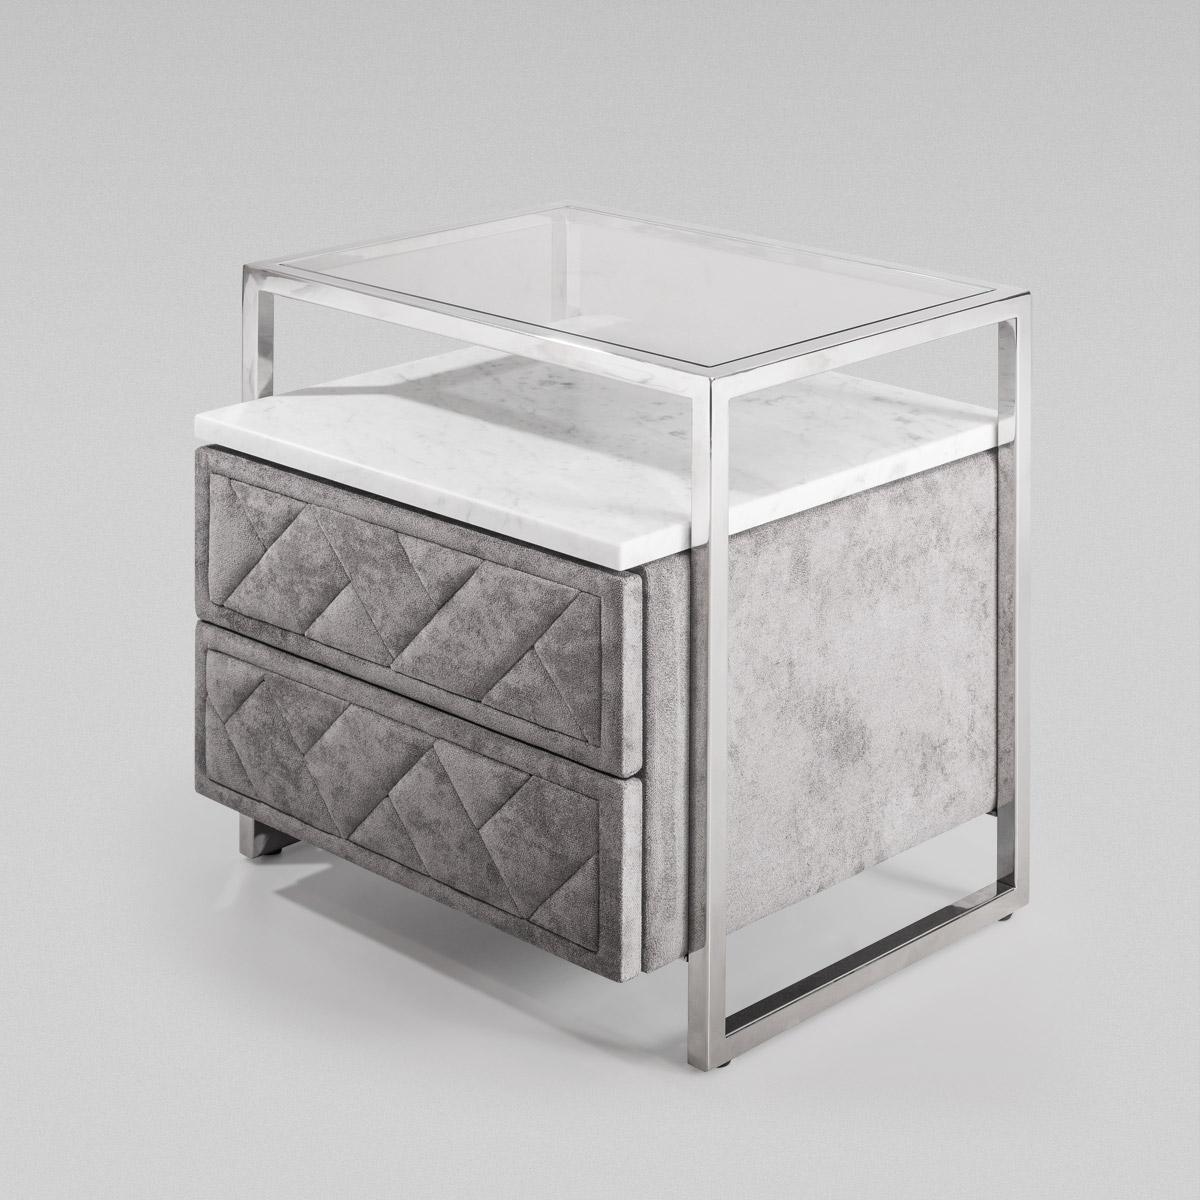 carat Carat Bedside table colunex carat side table 01